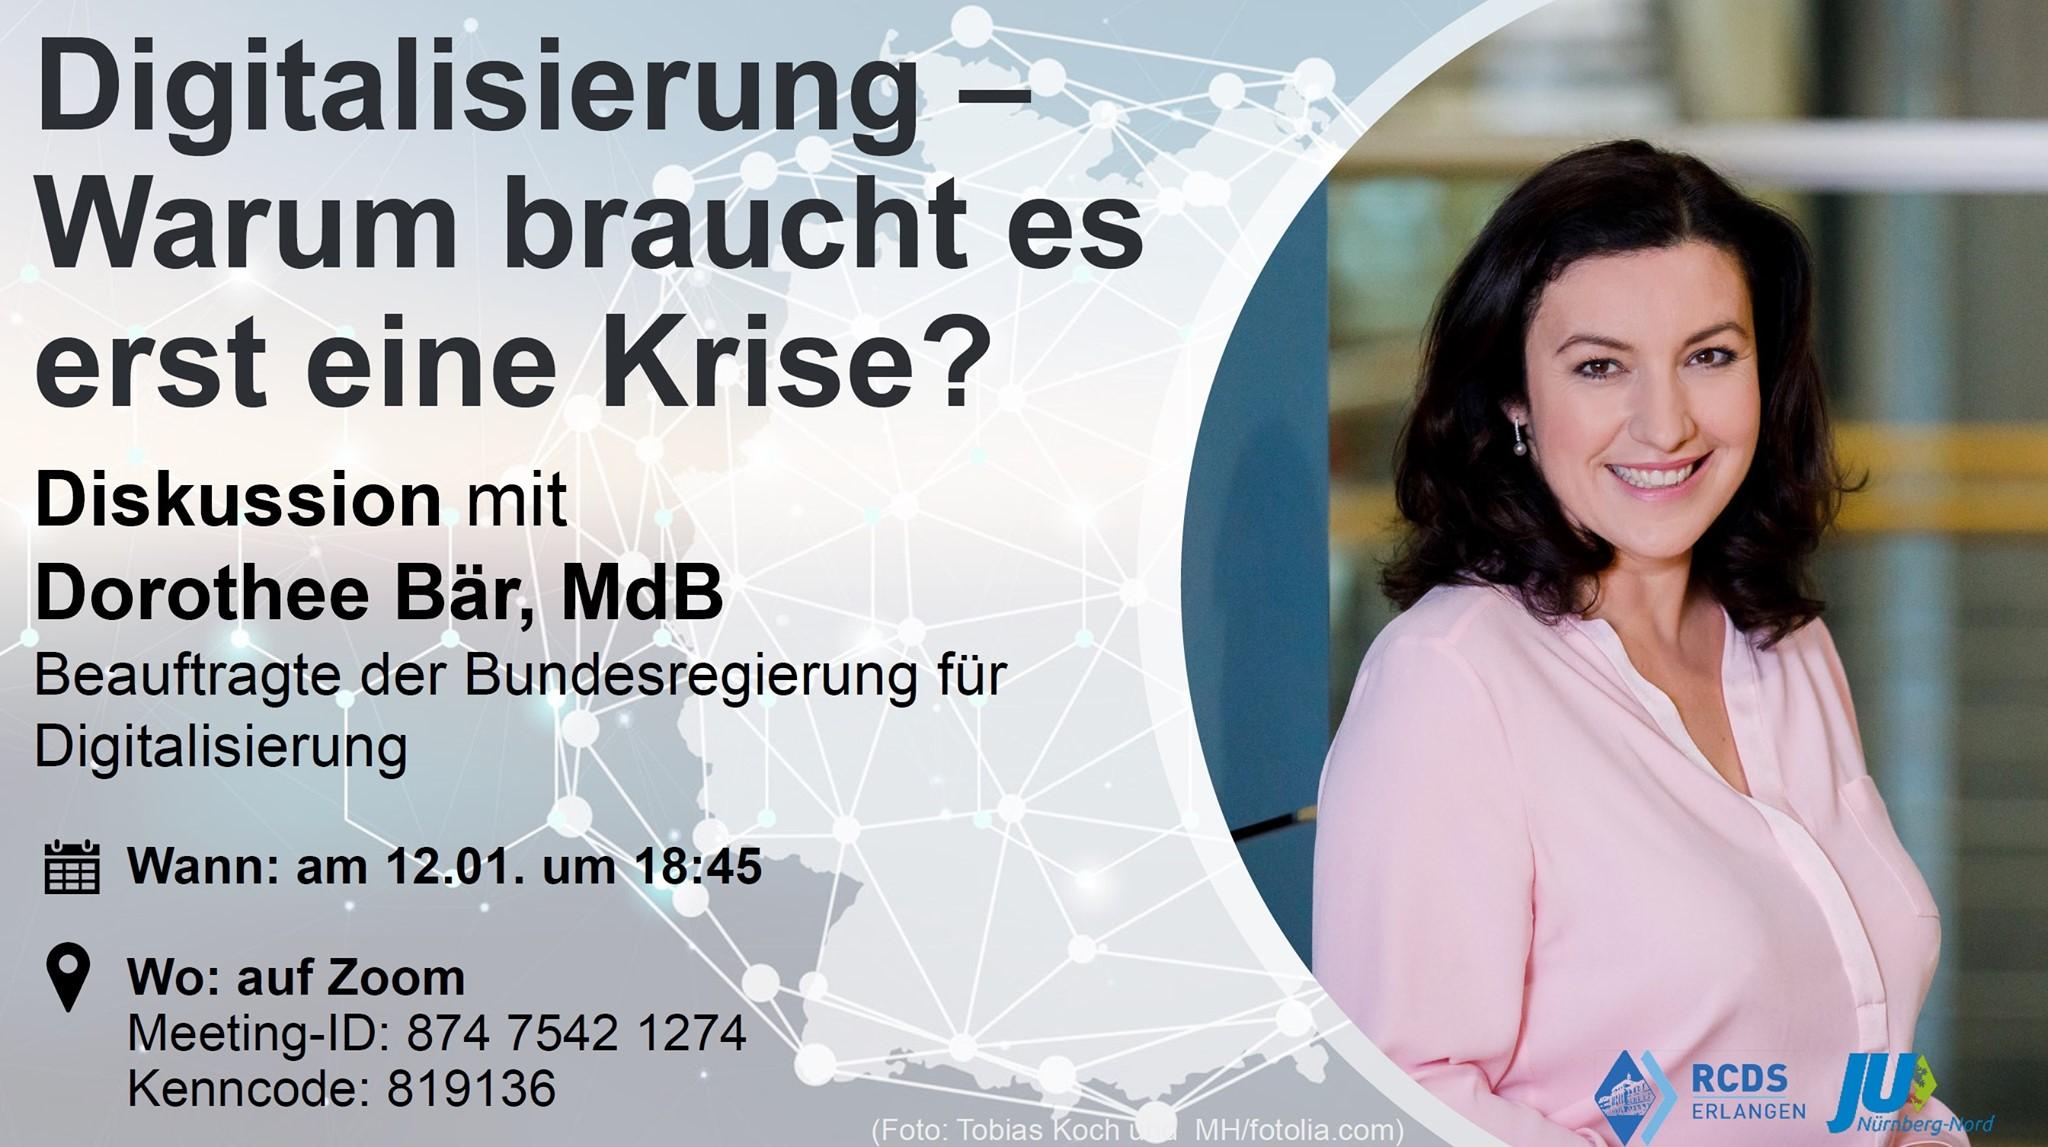 Bild zur Veranstaltung Digitalisierung - Warum braucht es erst eine Krise? - Diskussion mit Dorothee Bär MdB, Staatsministerin für Digitalisierung